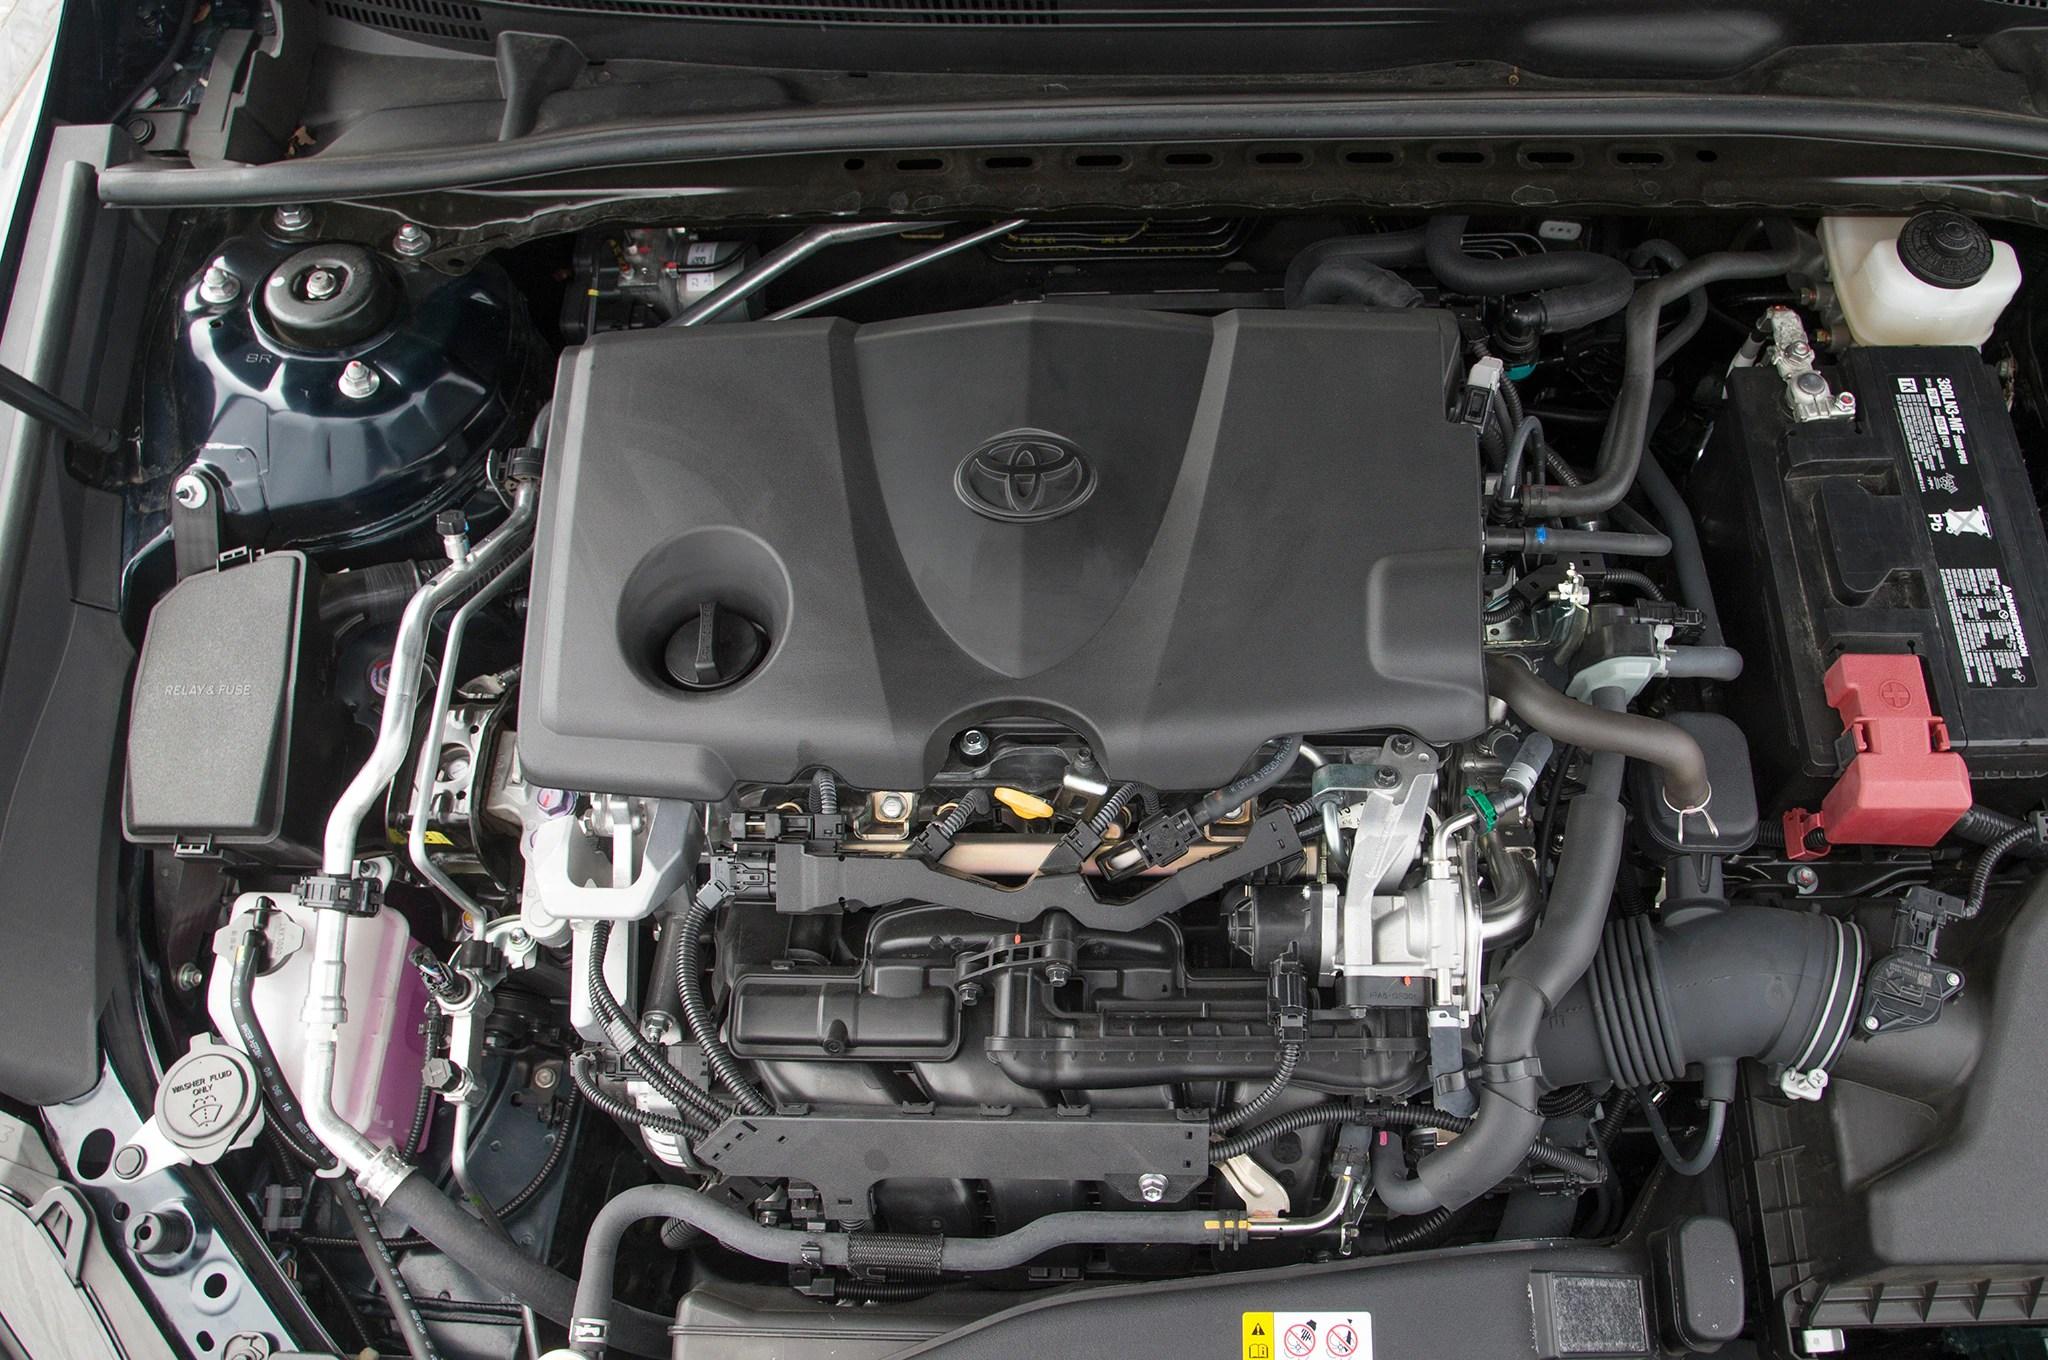 brand new toyota camry motor agya trd-s contendiente a auto del año de trend